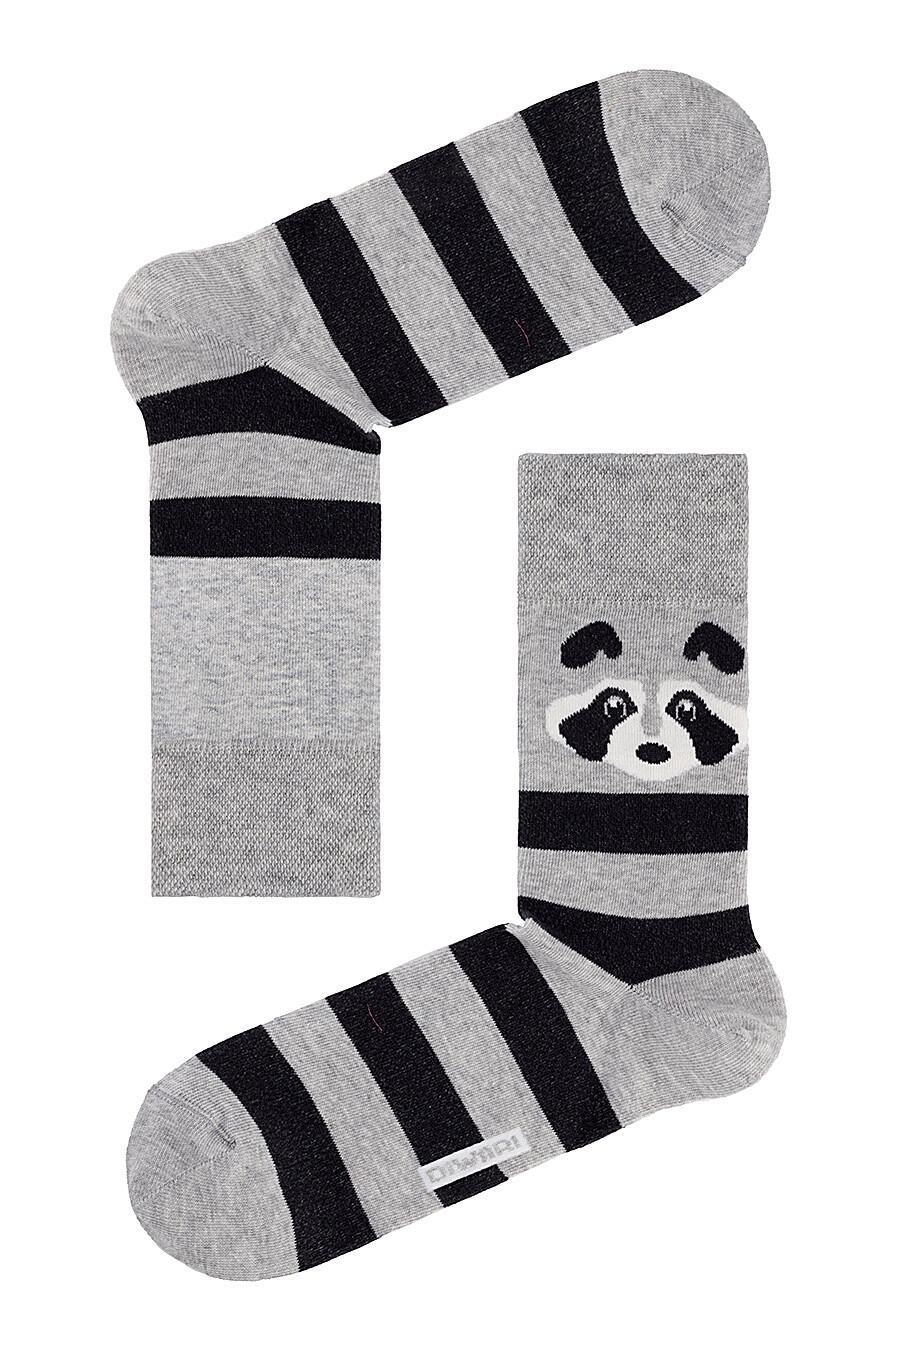 Носки для мужчин DIWARI 165299 купить оптом от производителя. Совместная покупка мужской одежды в OptMoyo